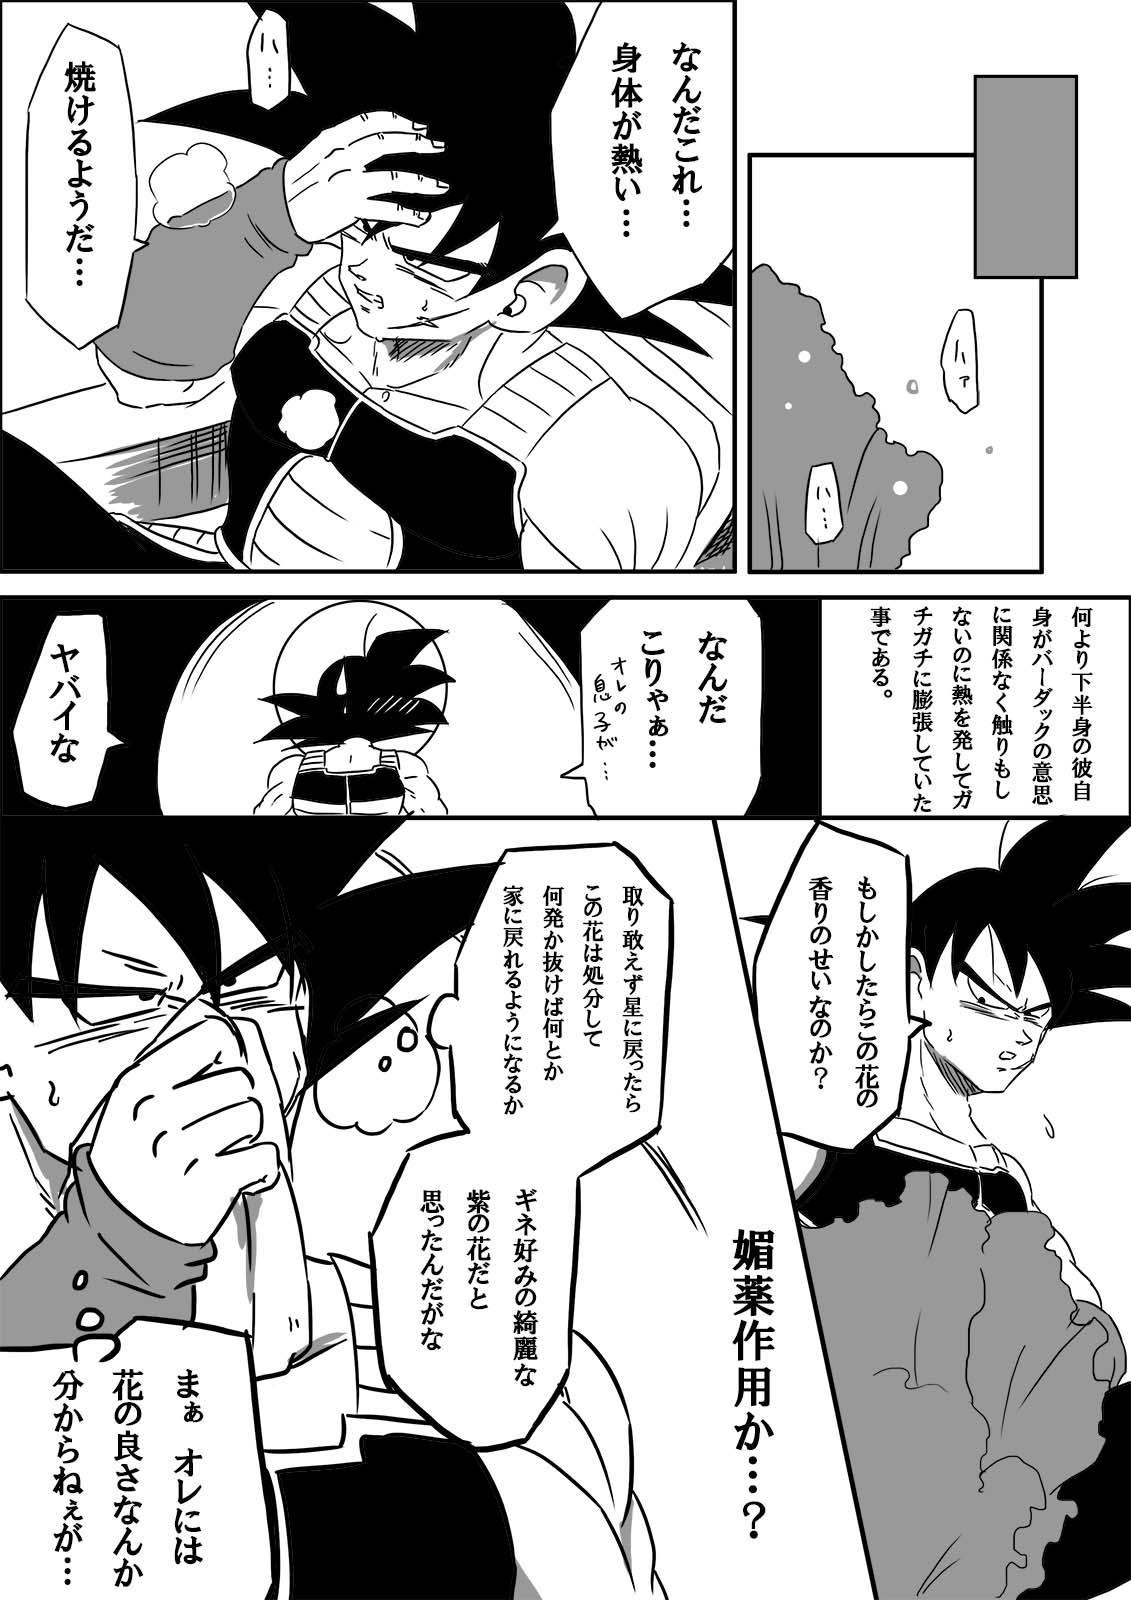 Miwaku no hana 3